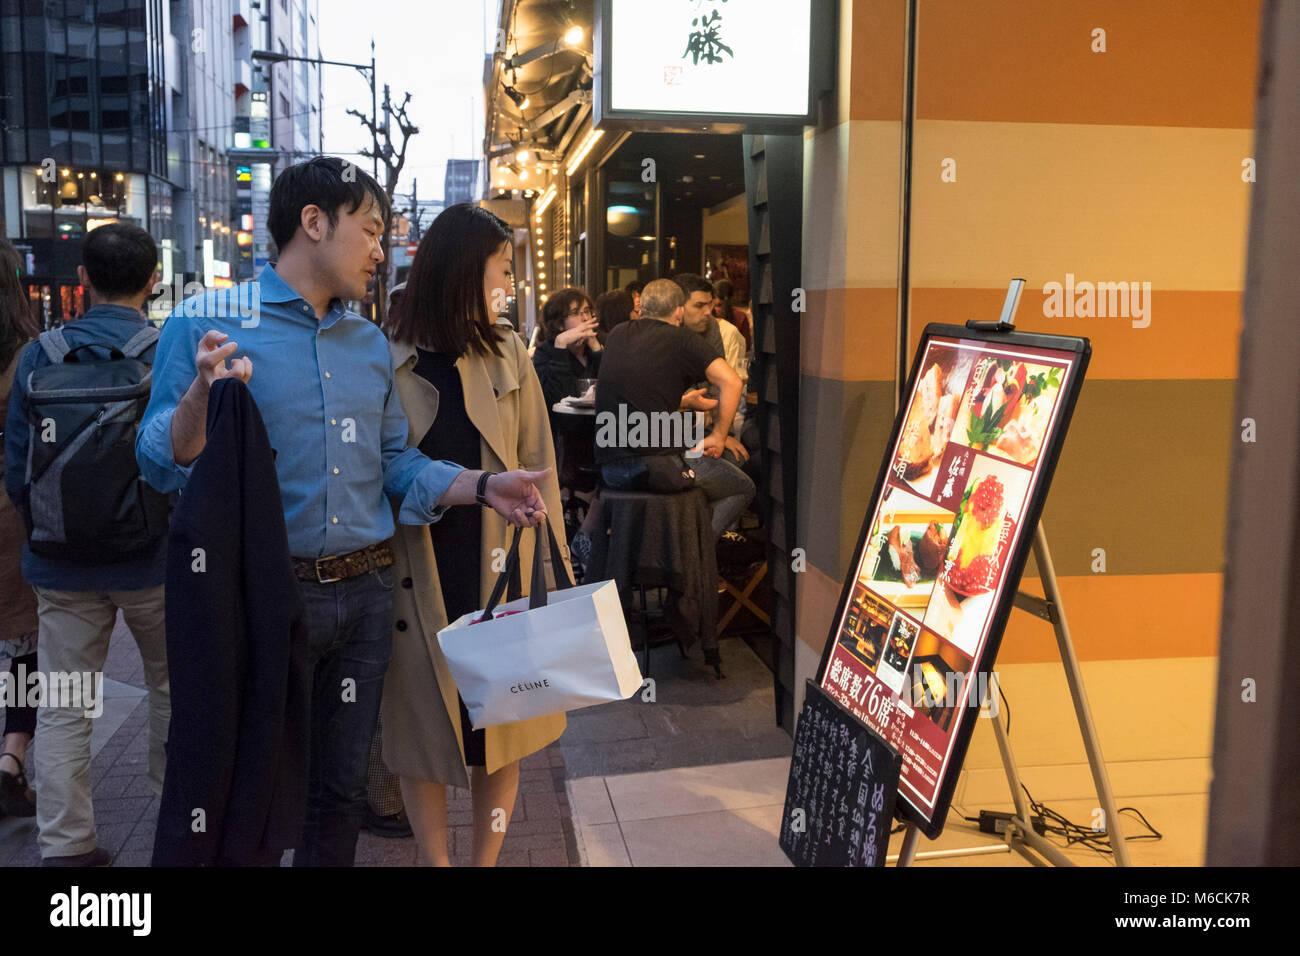 Par caminar compruebe el menú de un restaurante en Ginza, Tokio, Japón Imagen De Stock